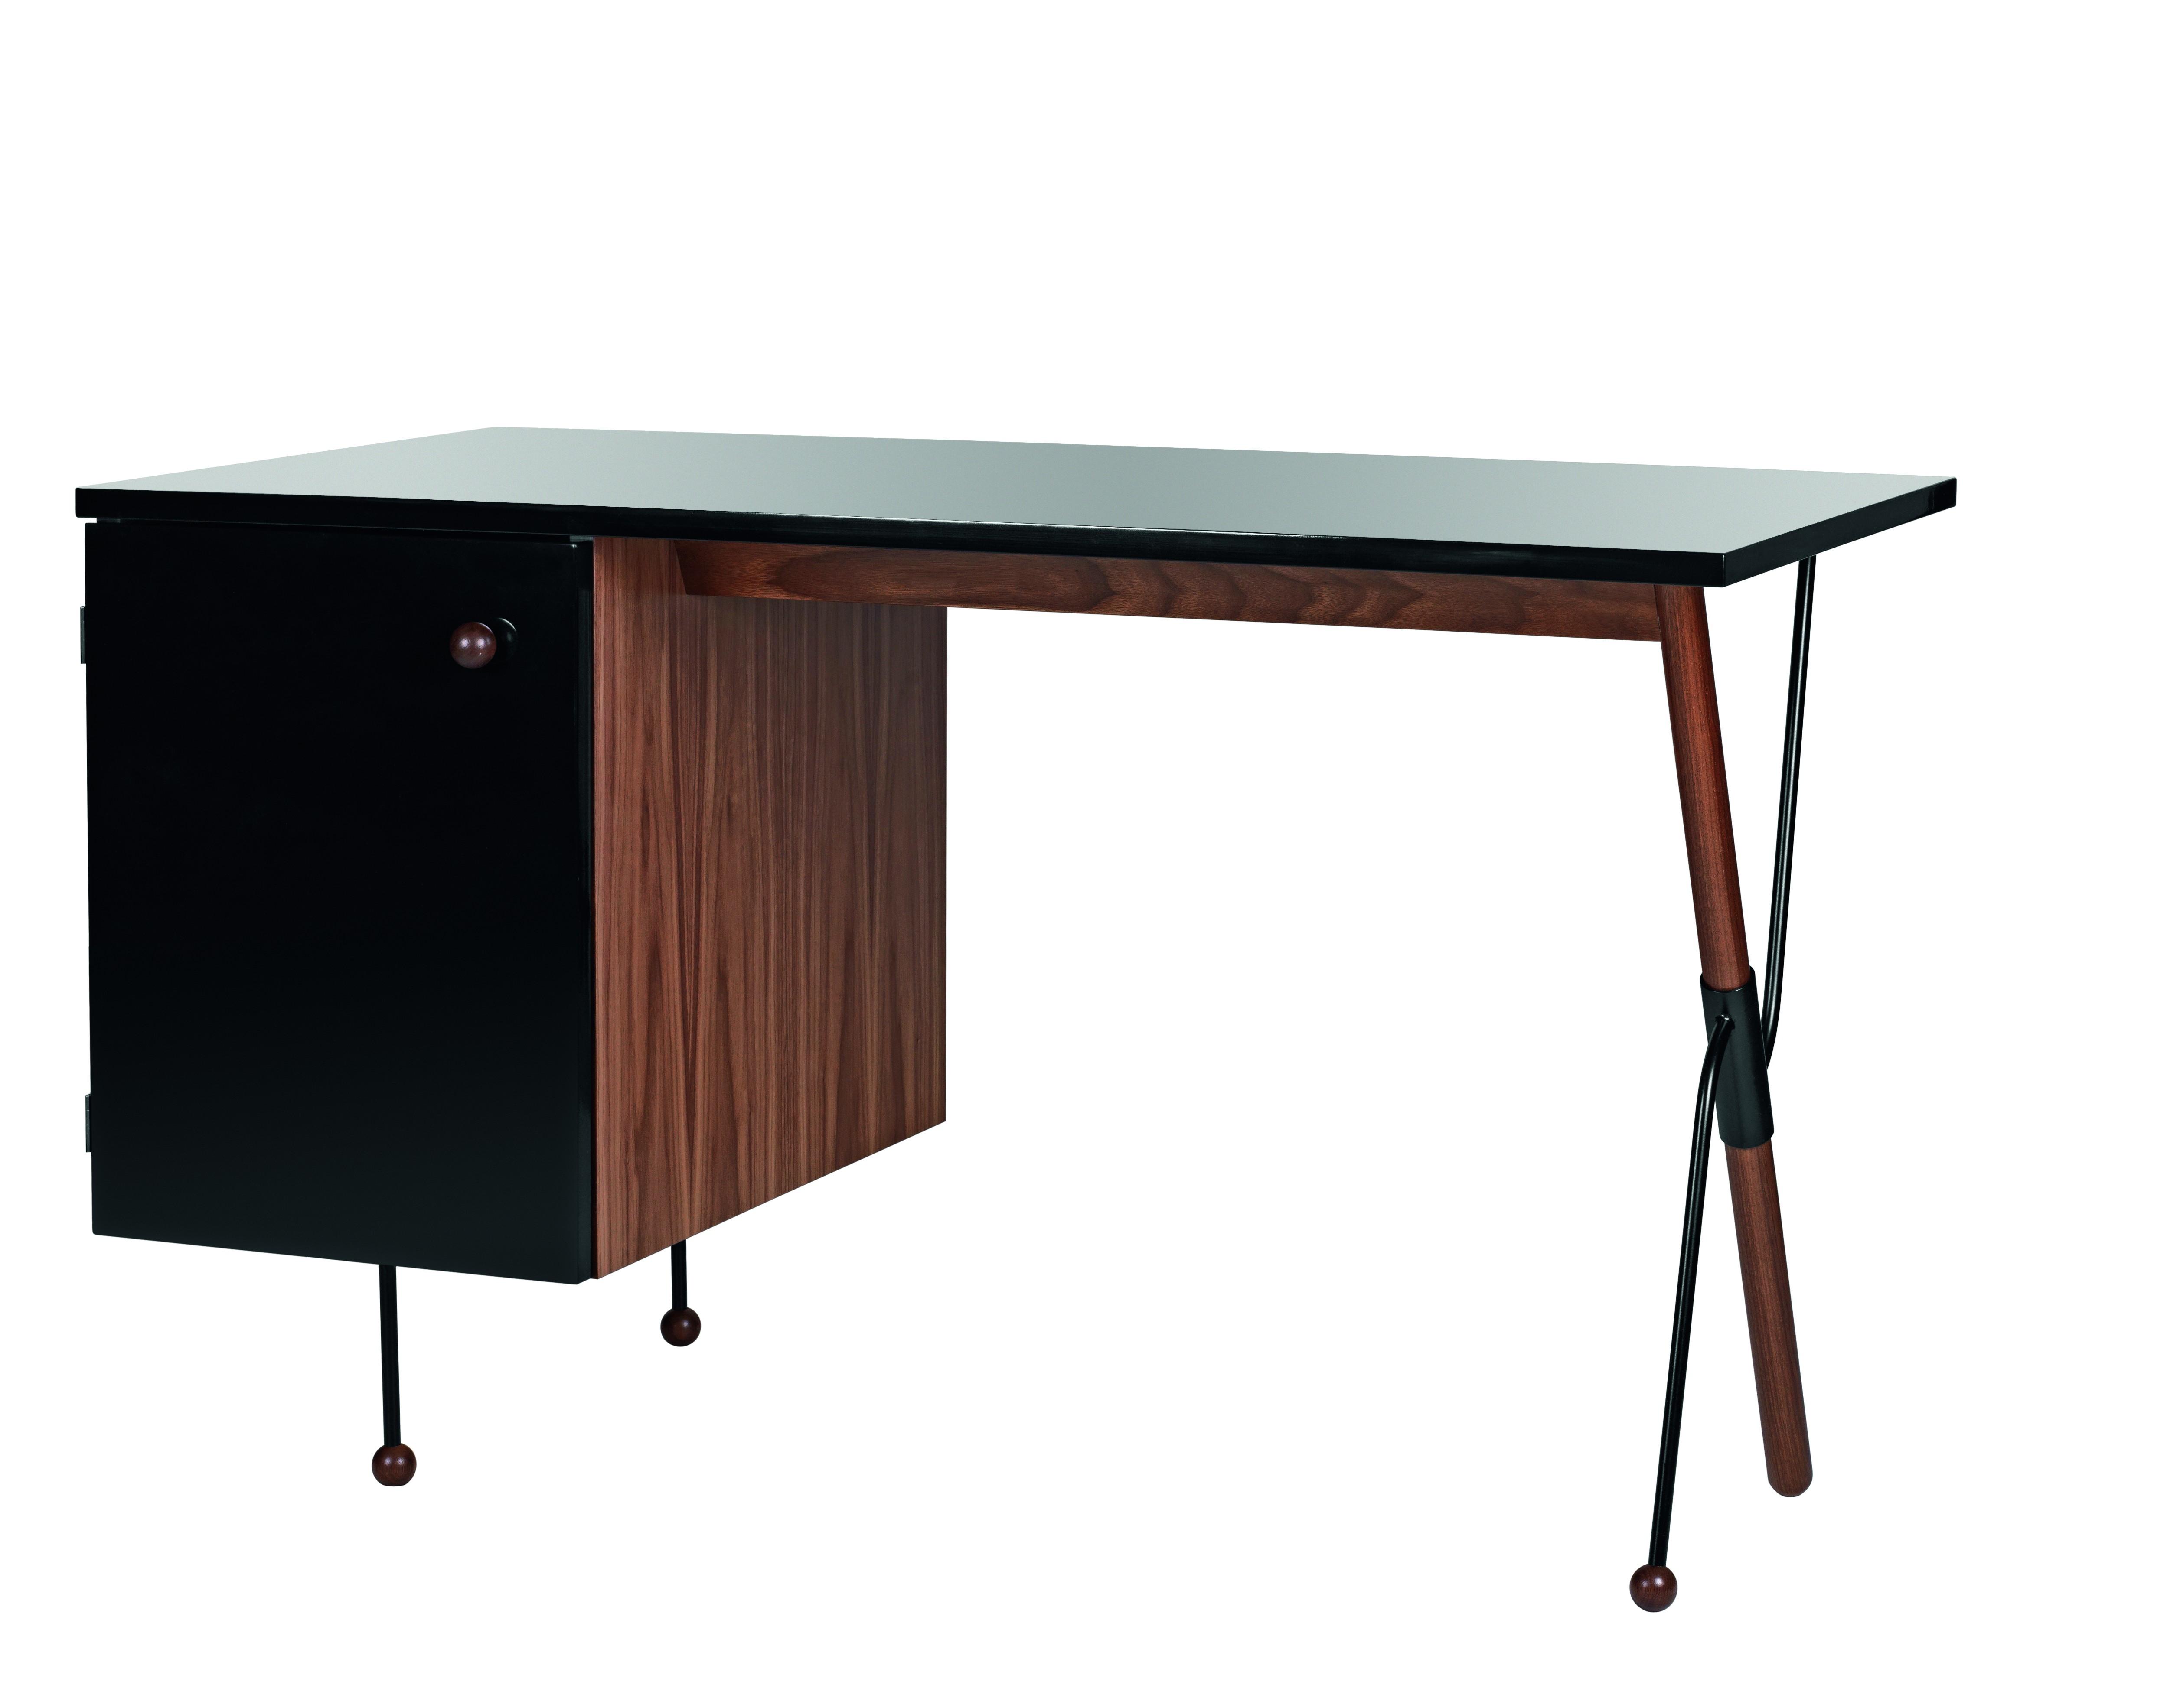 bureau 62 en noyer de gubi mod le d 39 exposition. Black Bedroom Furniture Sets. Home Design Ideas